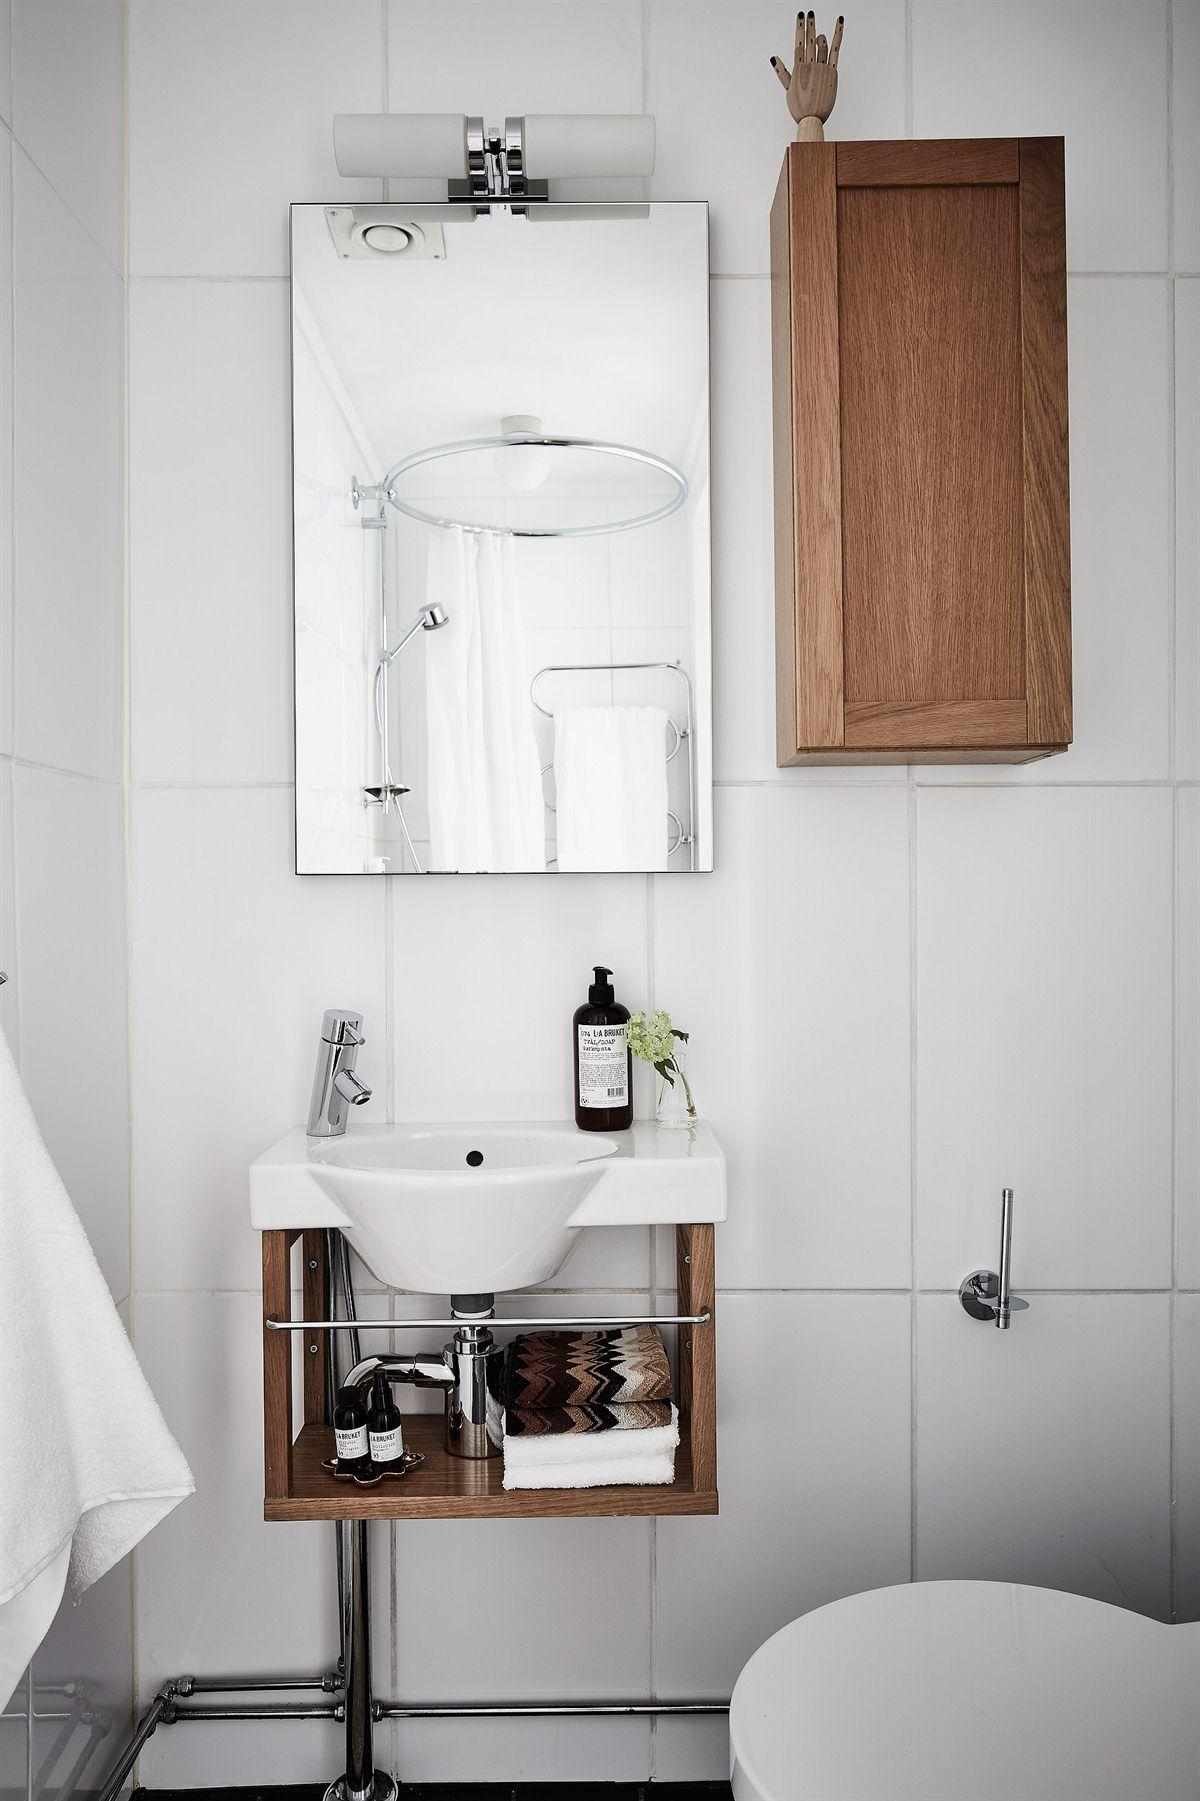 Sofiagatan 62H | 55 kvadrat Bathroom, ideas, bath, house, home ...